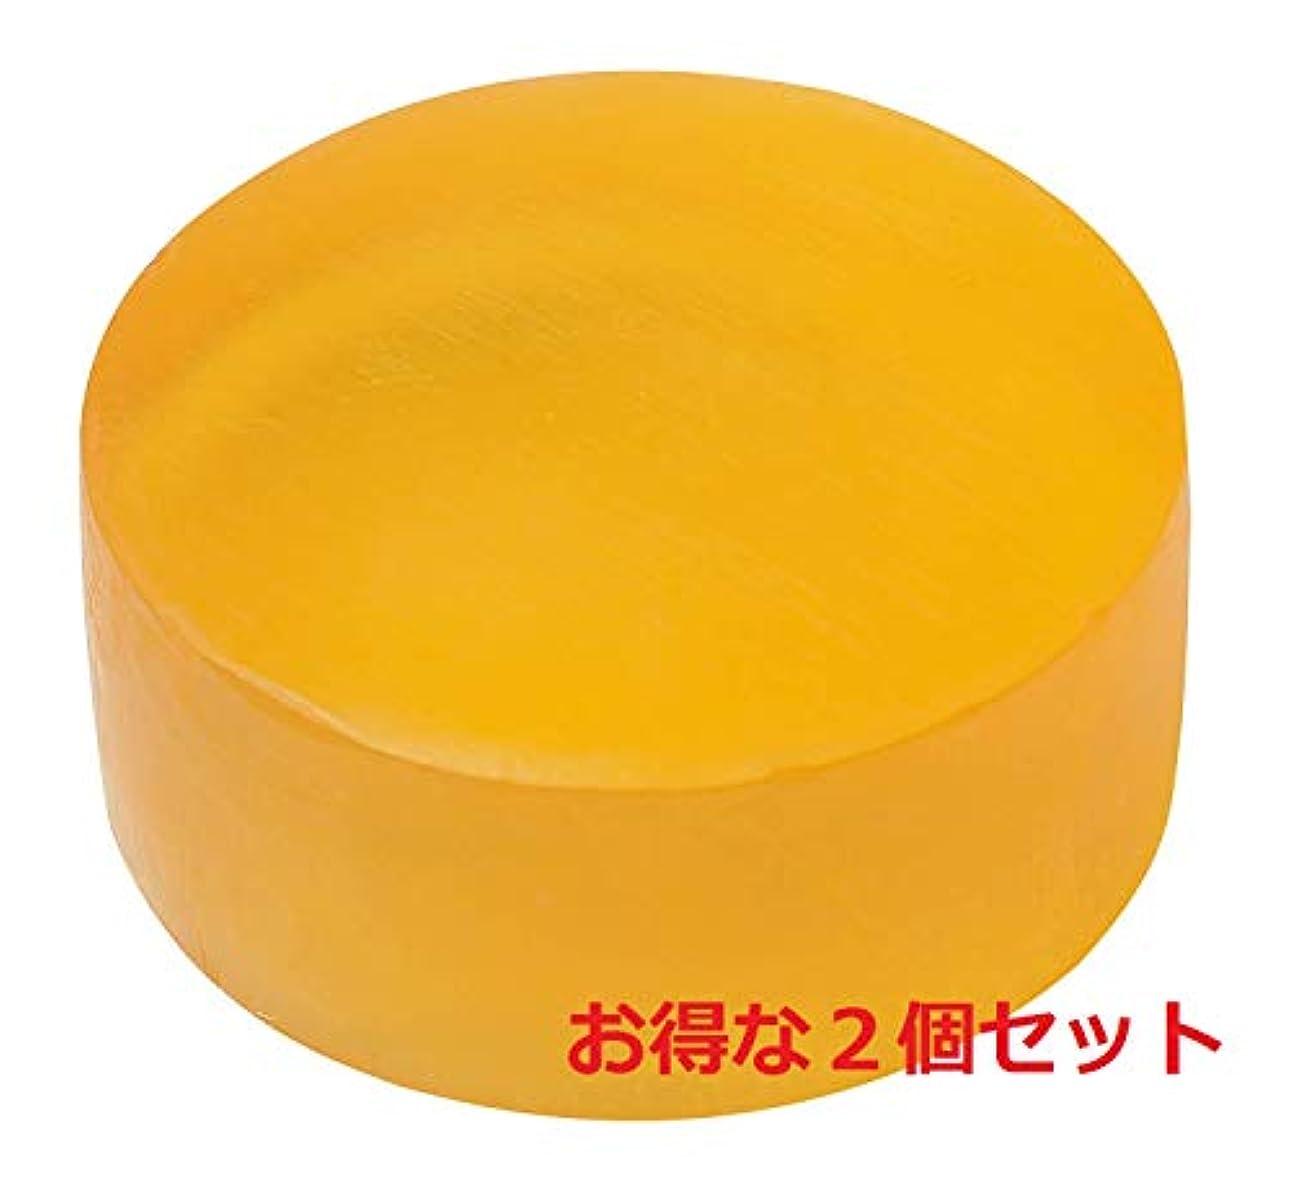 シード蓋セクションプラスリストア クレンジングソープ 熟成 洗顔石鹸 メイク落とし 2個セット